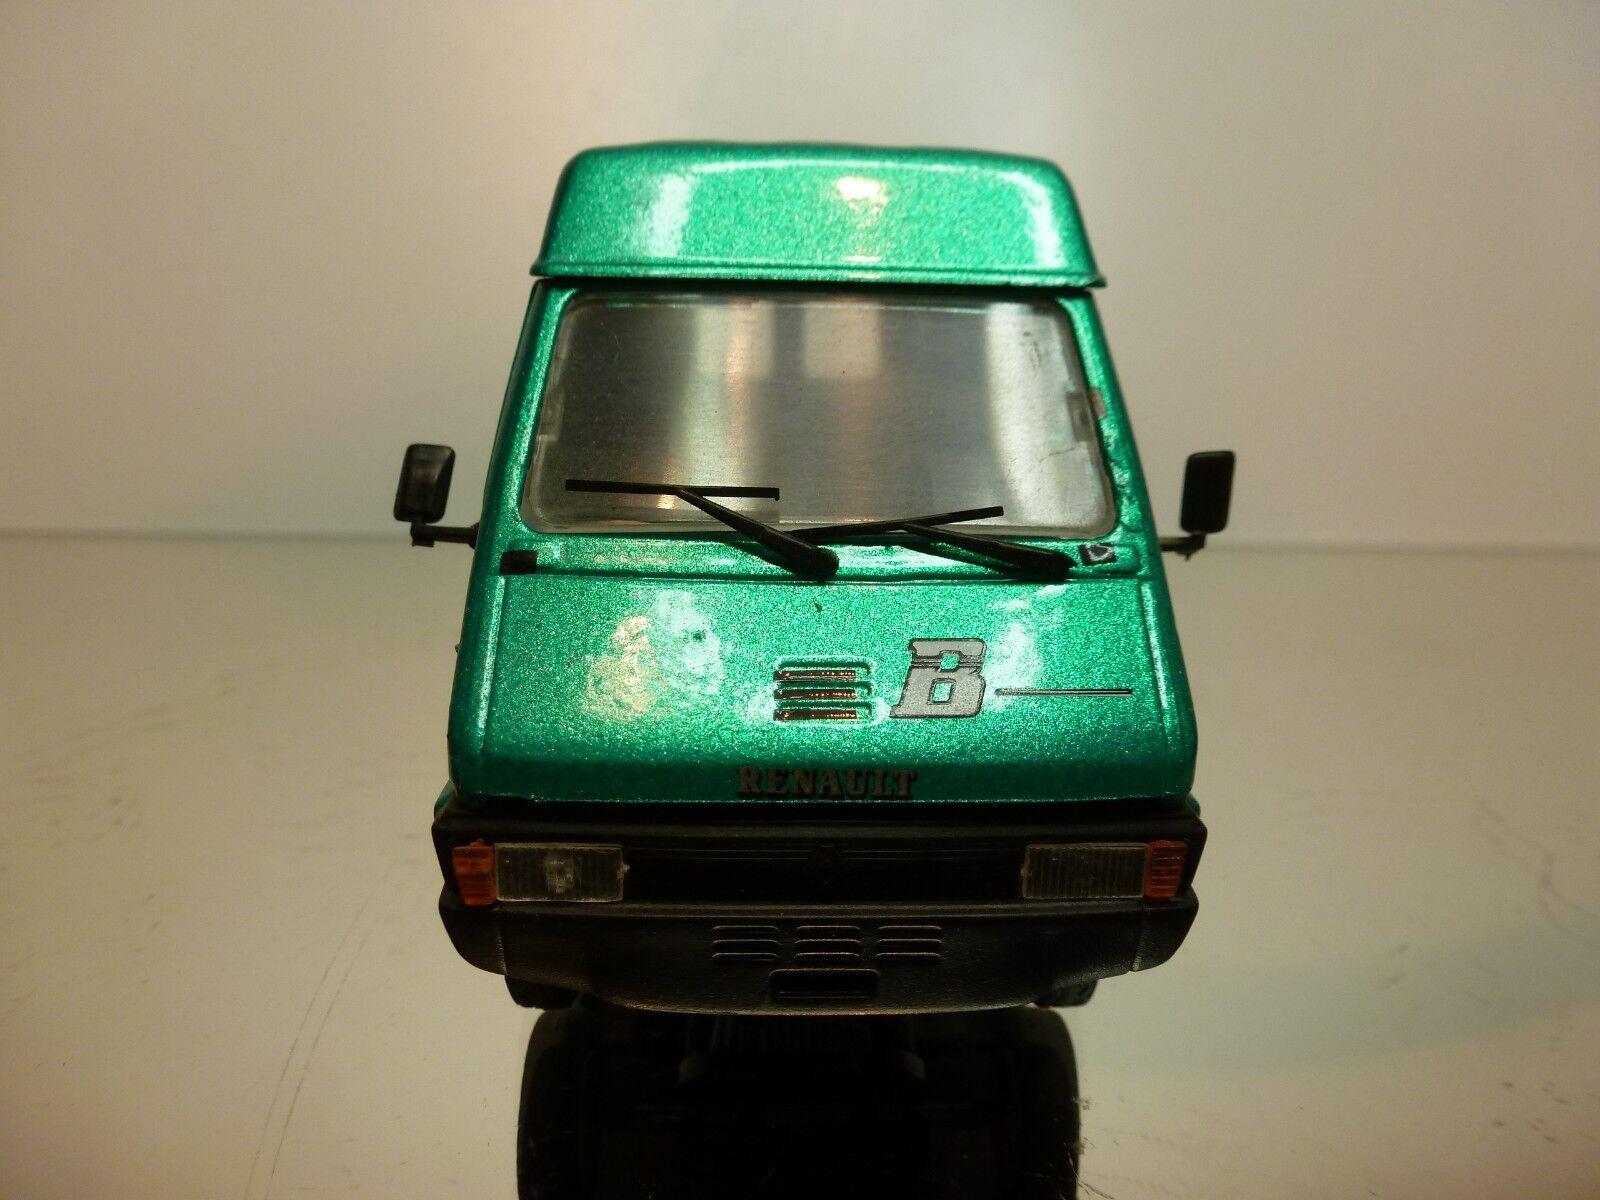 ELIGOR RENAULT MASTER MASTER MASTER B110 VAN 1985 - GREEN METALLIC 1 43 - EXCELLENT - 00 743030